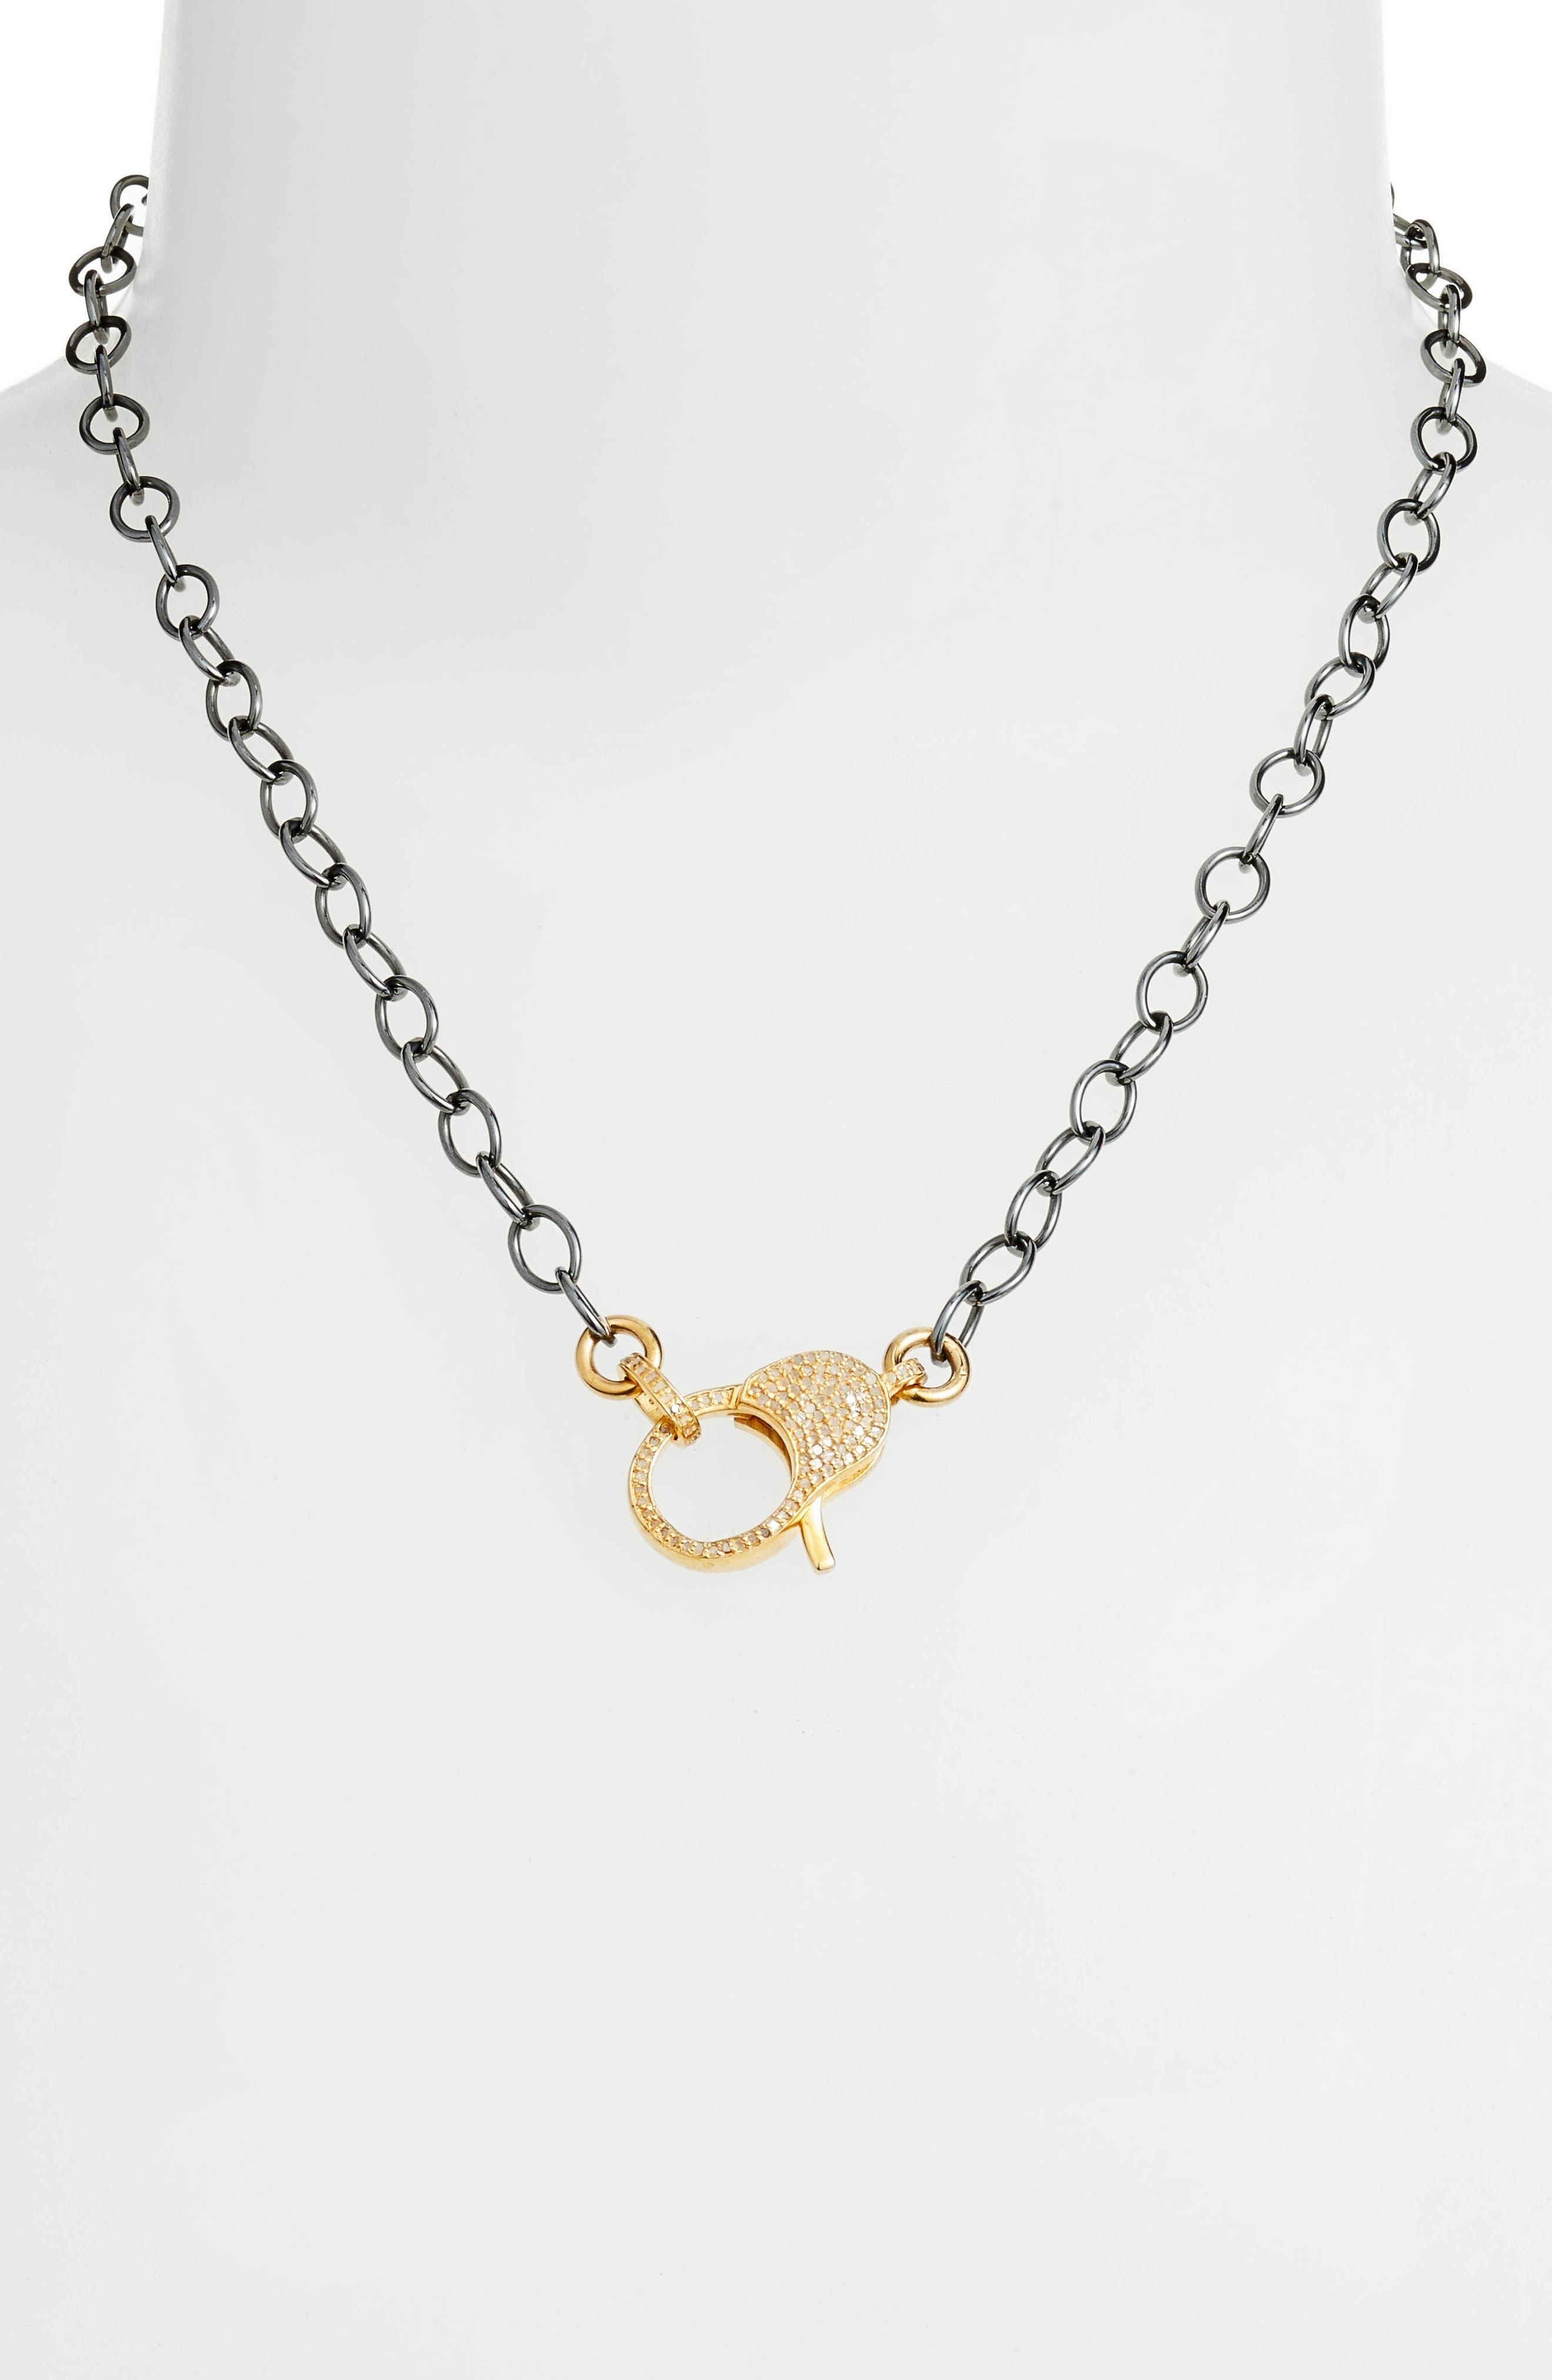 Jane Basch Pavé Lock Chain Necklace,                             Alternate thumbnail 2, color,                             GOLD/ BLACK